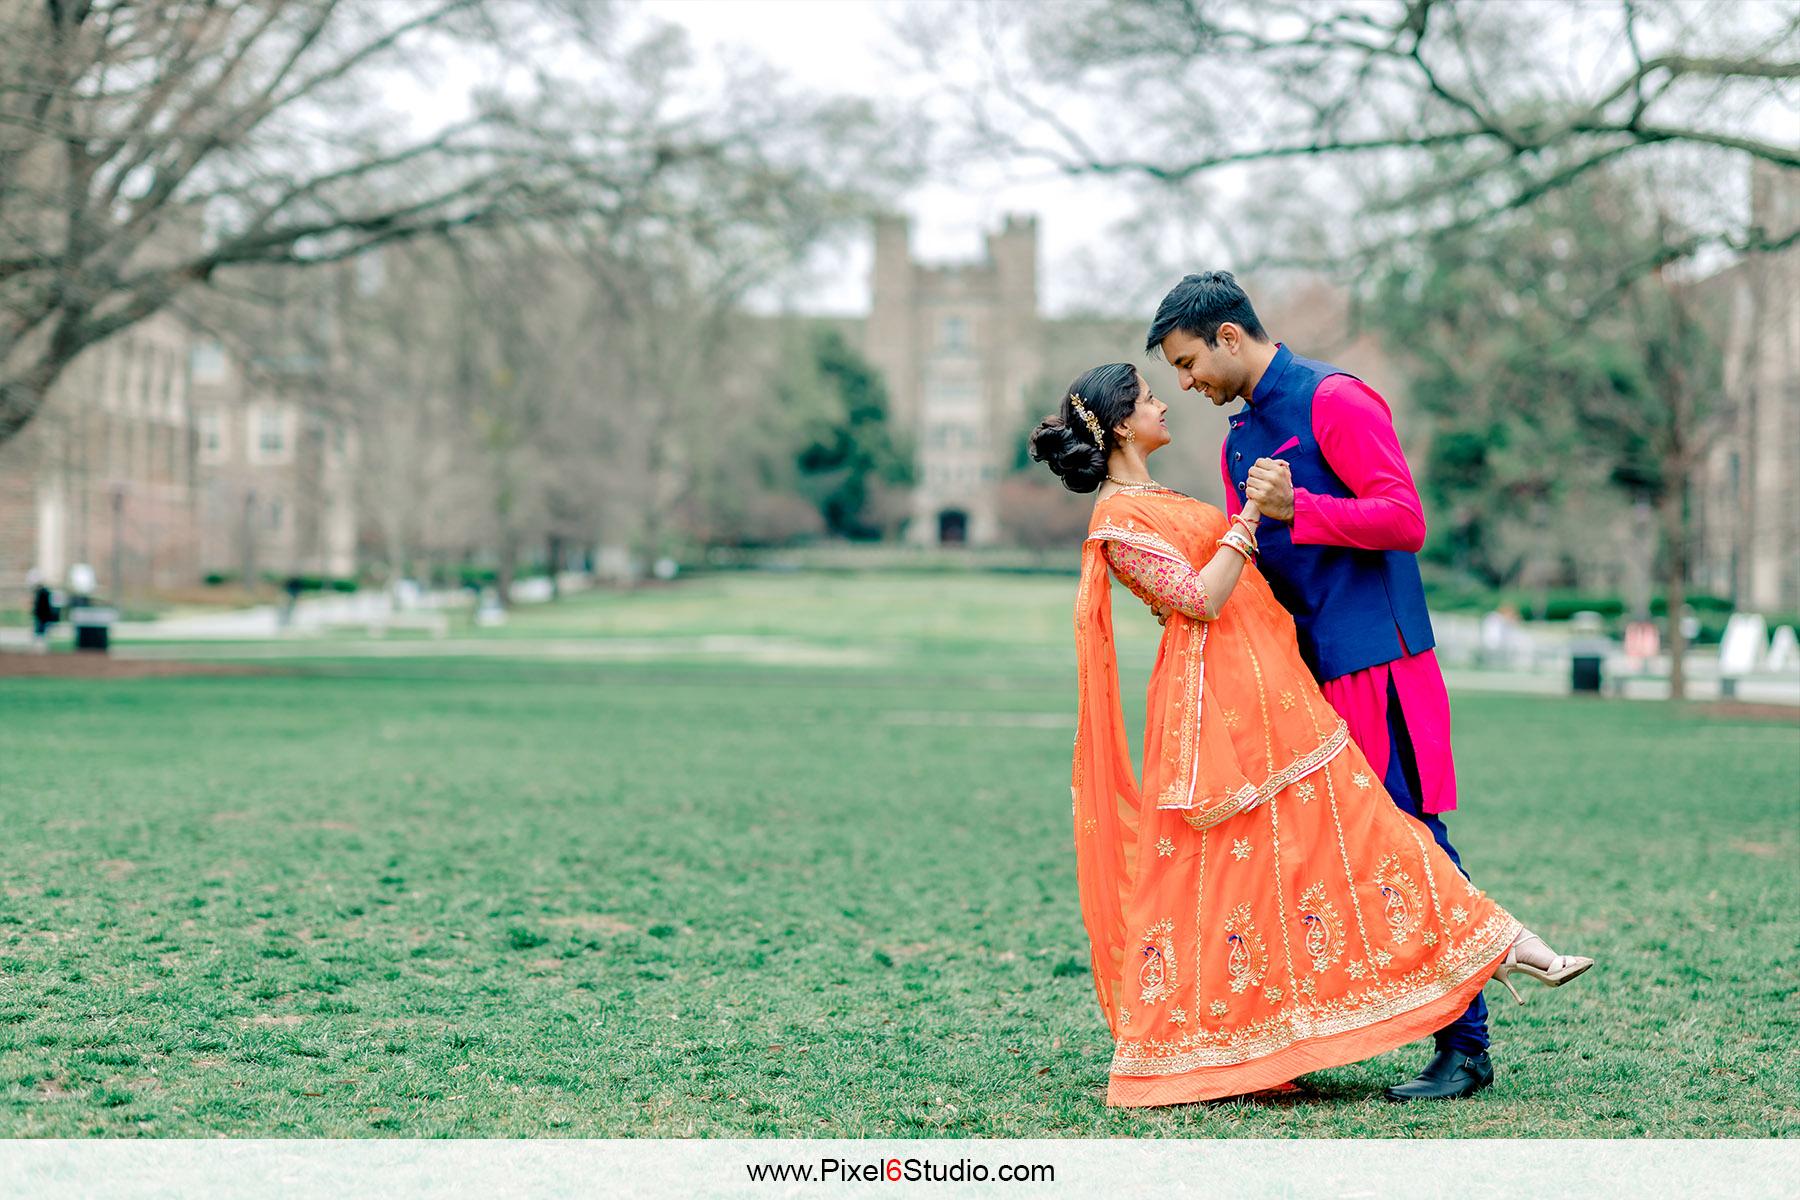 Aparna  & Ankeet | Duke Engagement session | North Carolina Indian Wedding